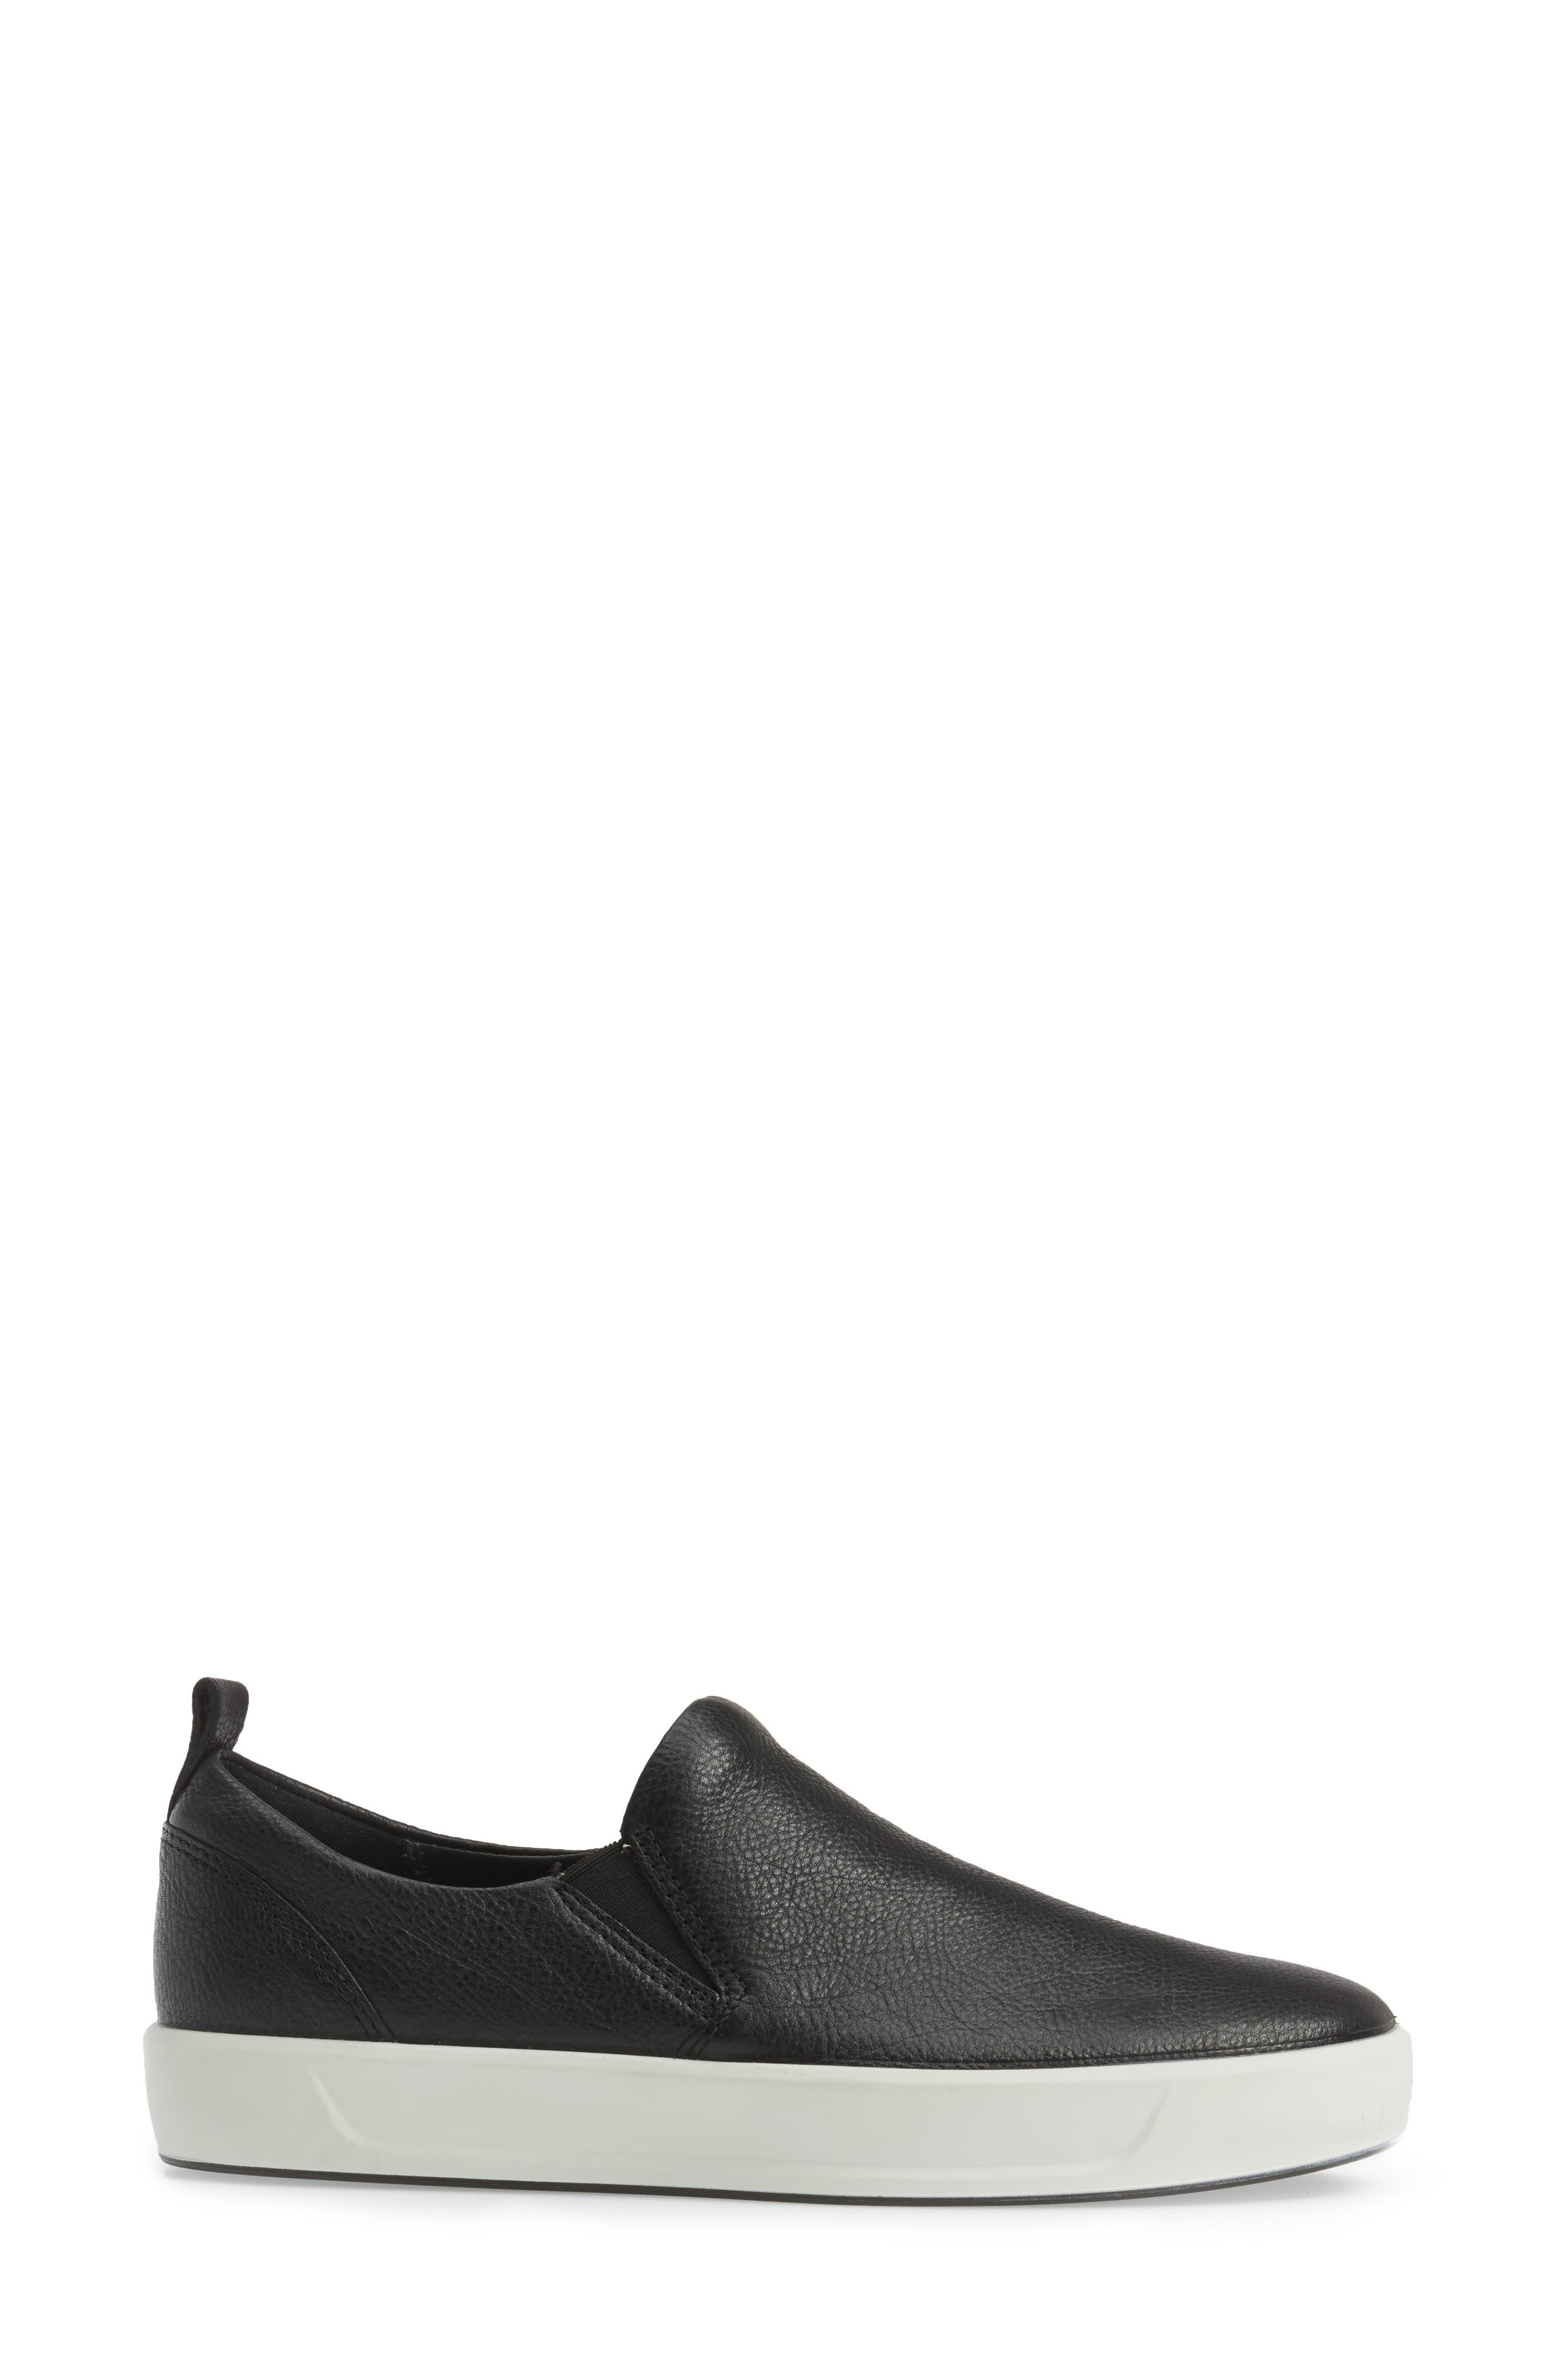 Alternate Image 3  - ECCO Soft 8 Slip-On Sneaker (Women)